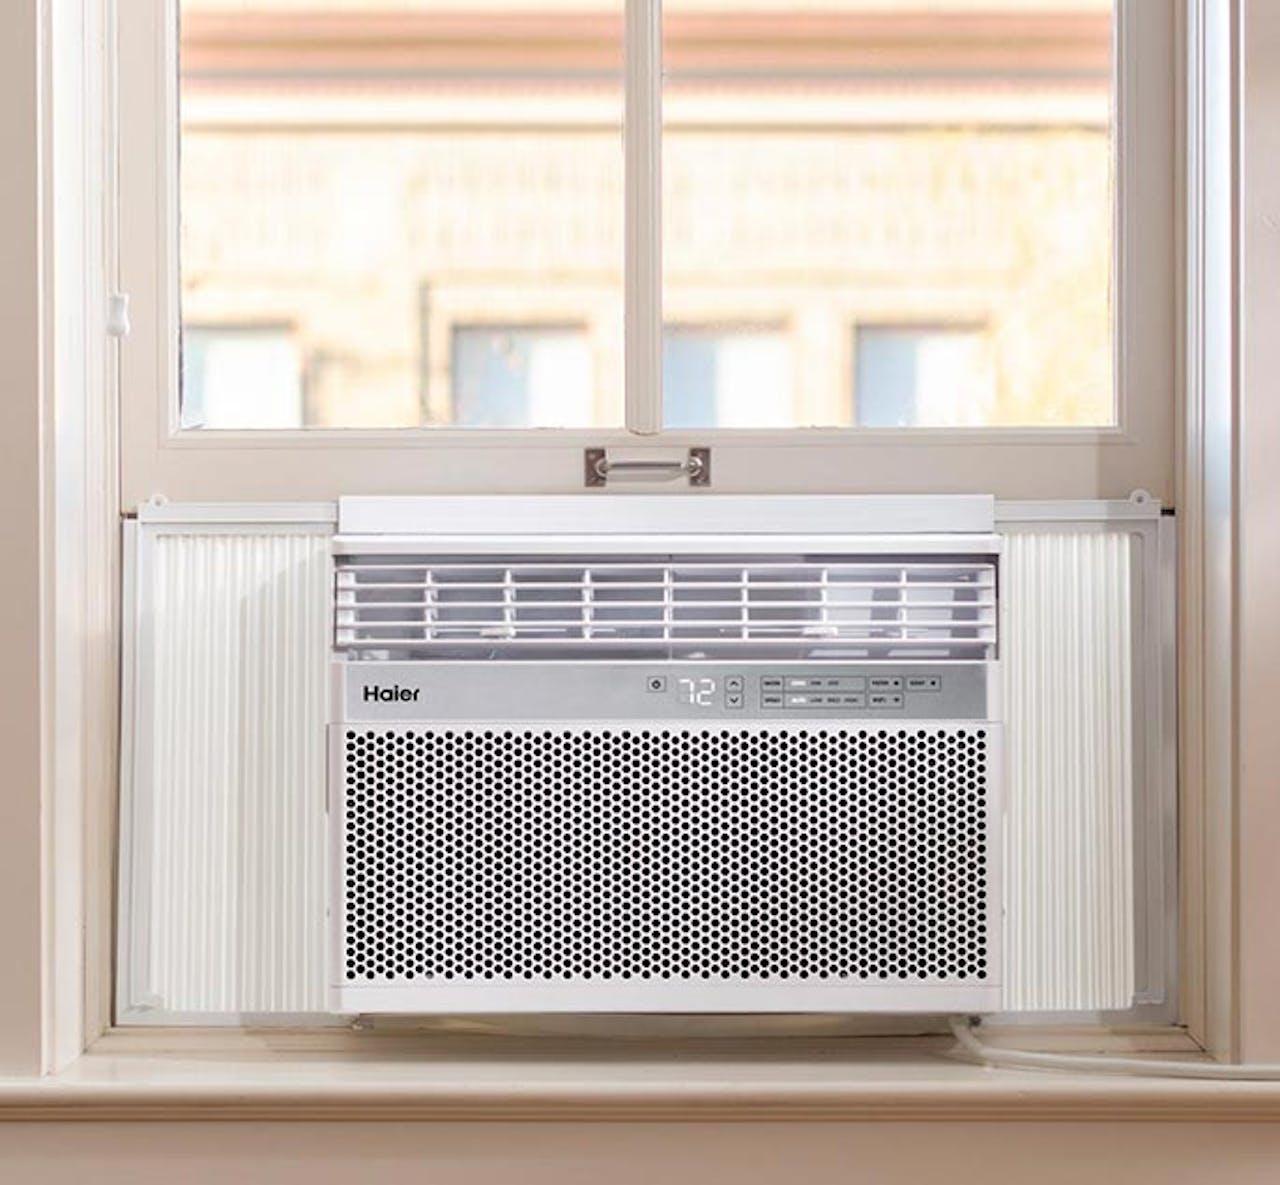 Haier window air conditioner installed